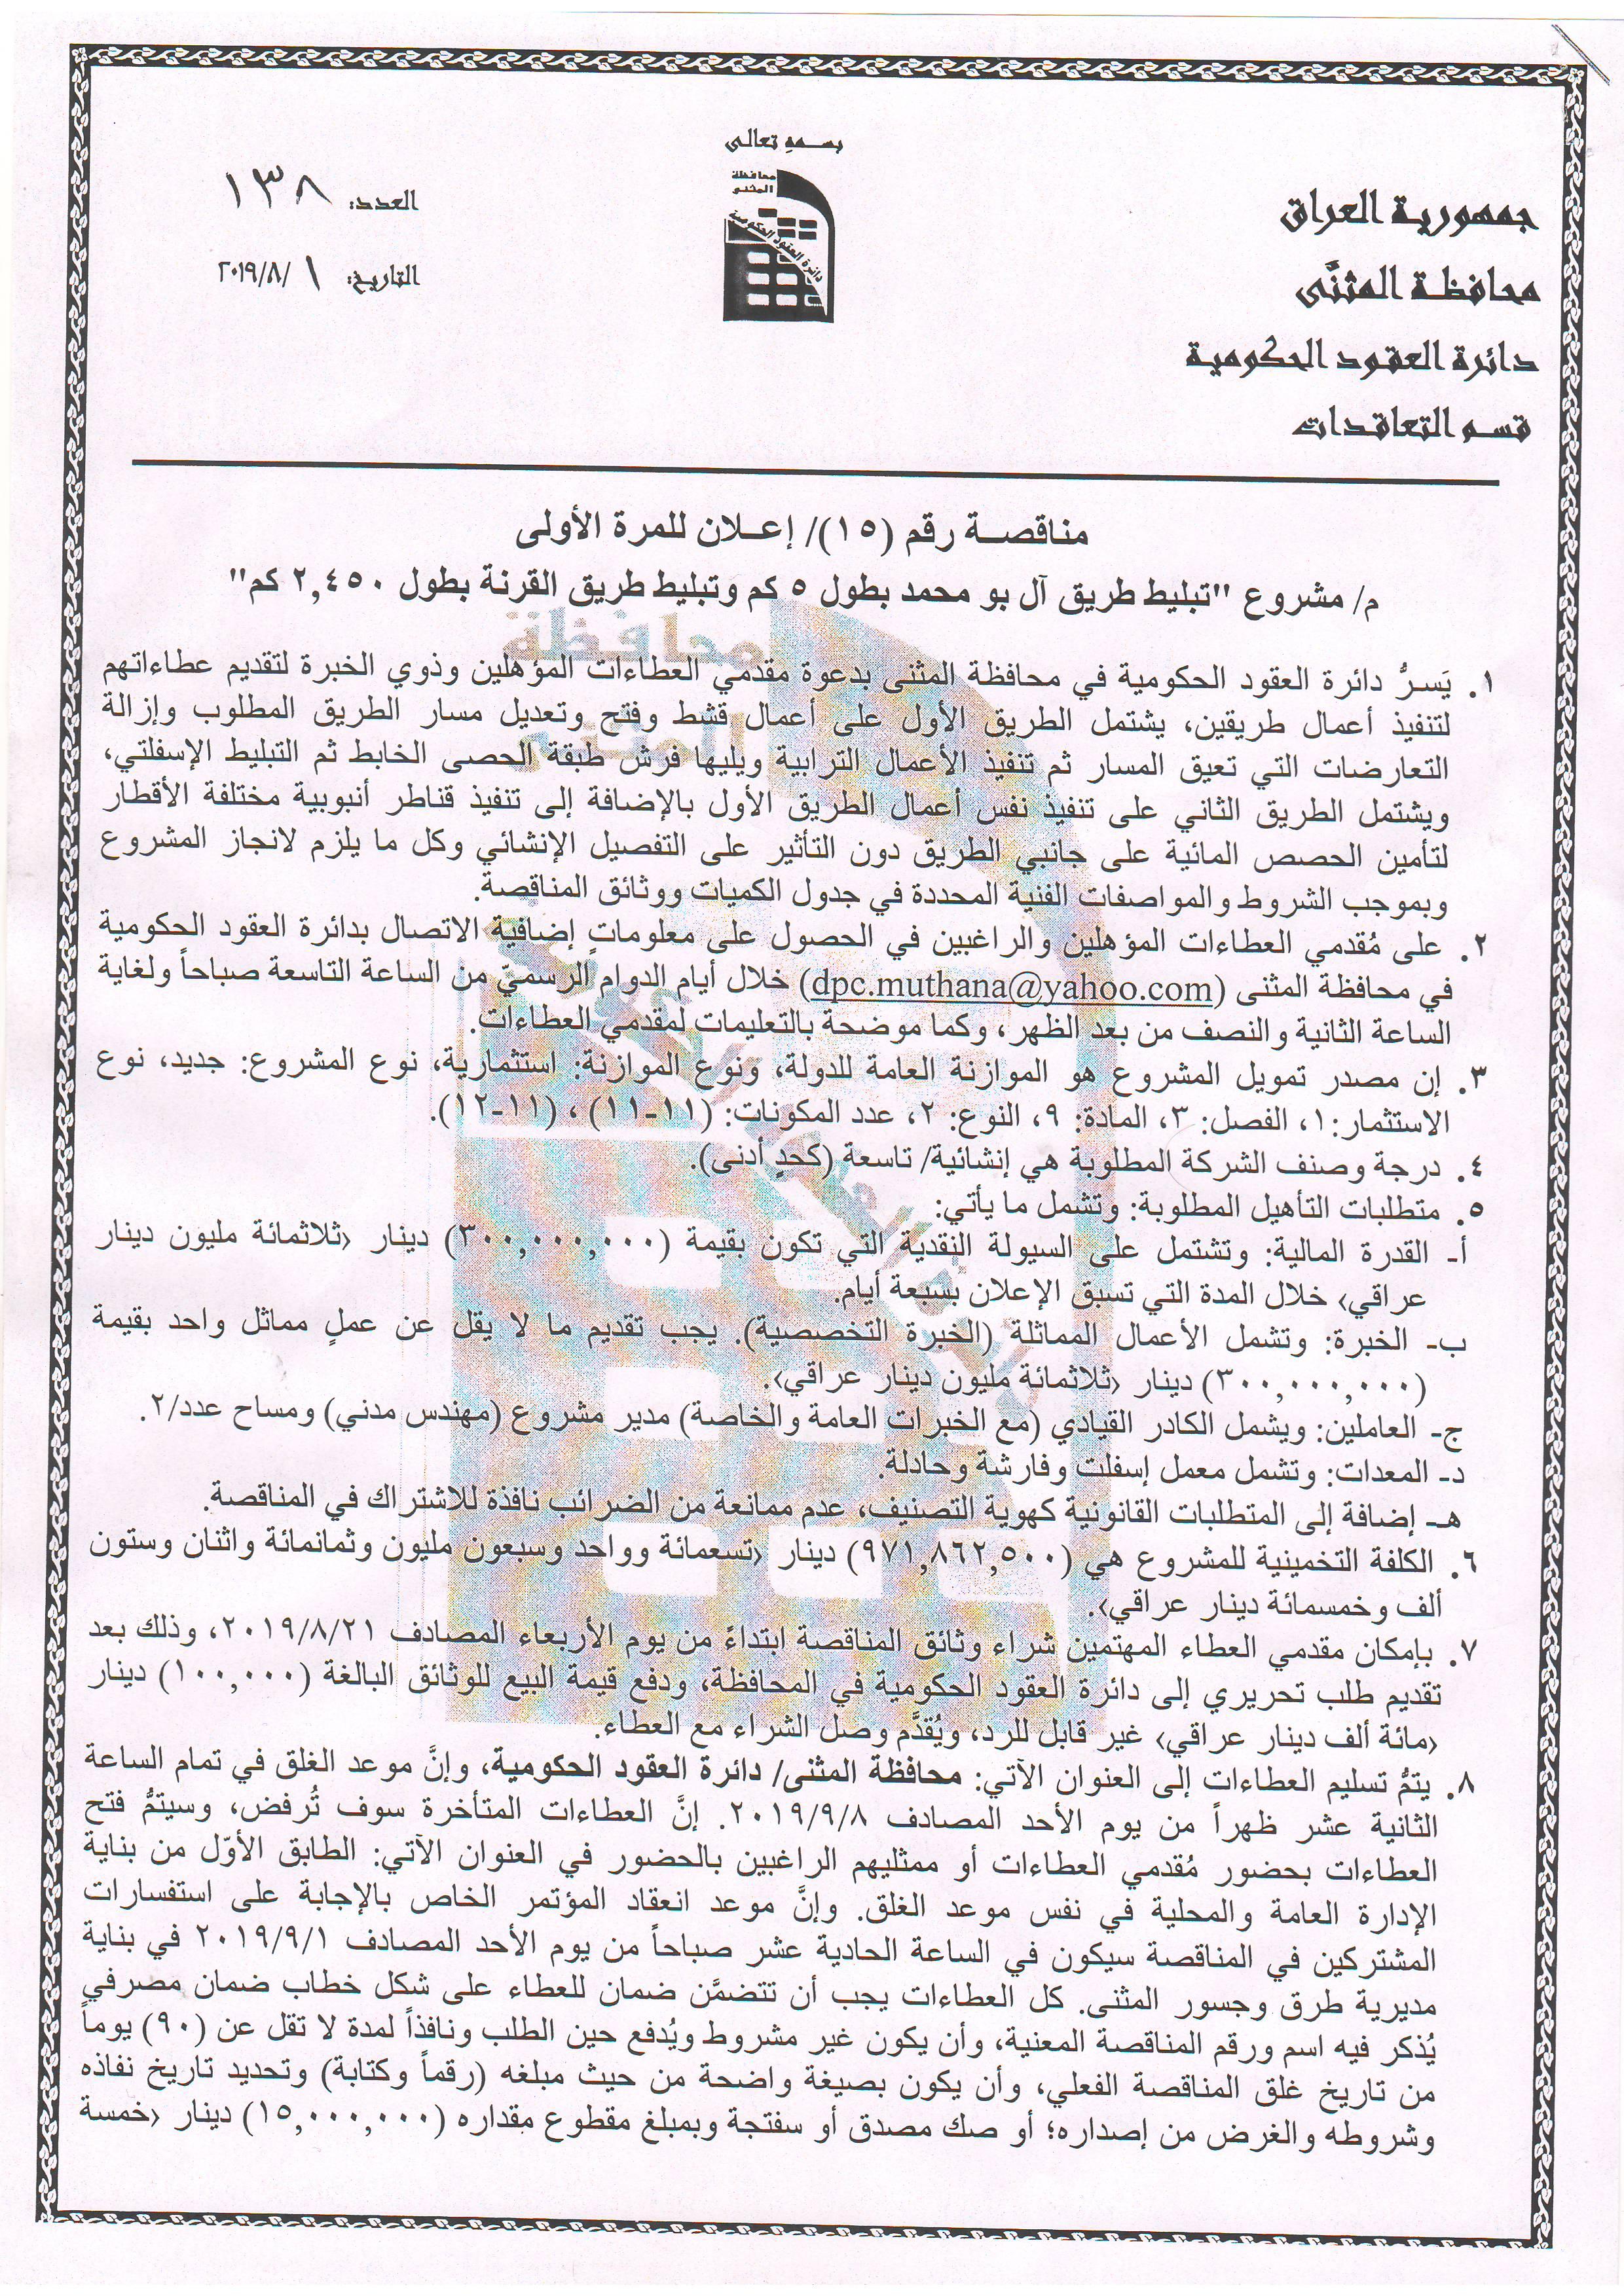 اعلان مشروع تبليط طريق ال بو محمد بطول 5كم وتبليط طريق القرنة بطول 2,450كم